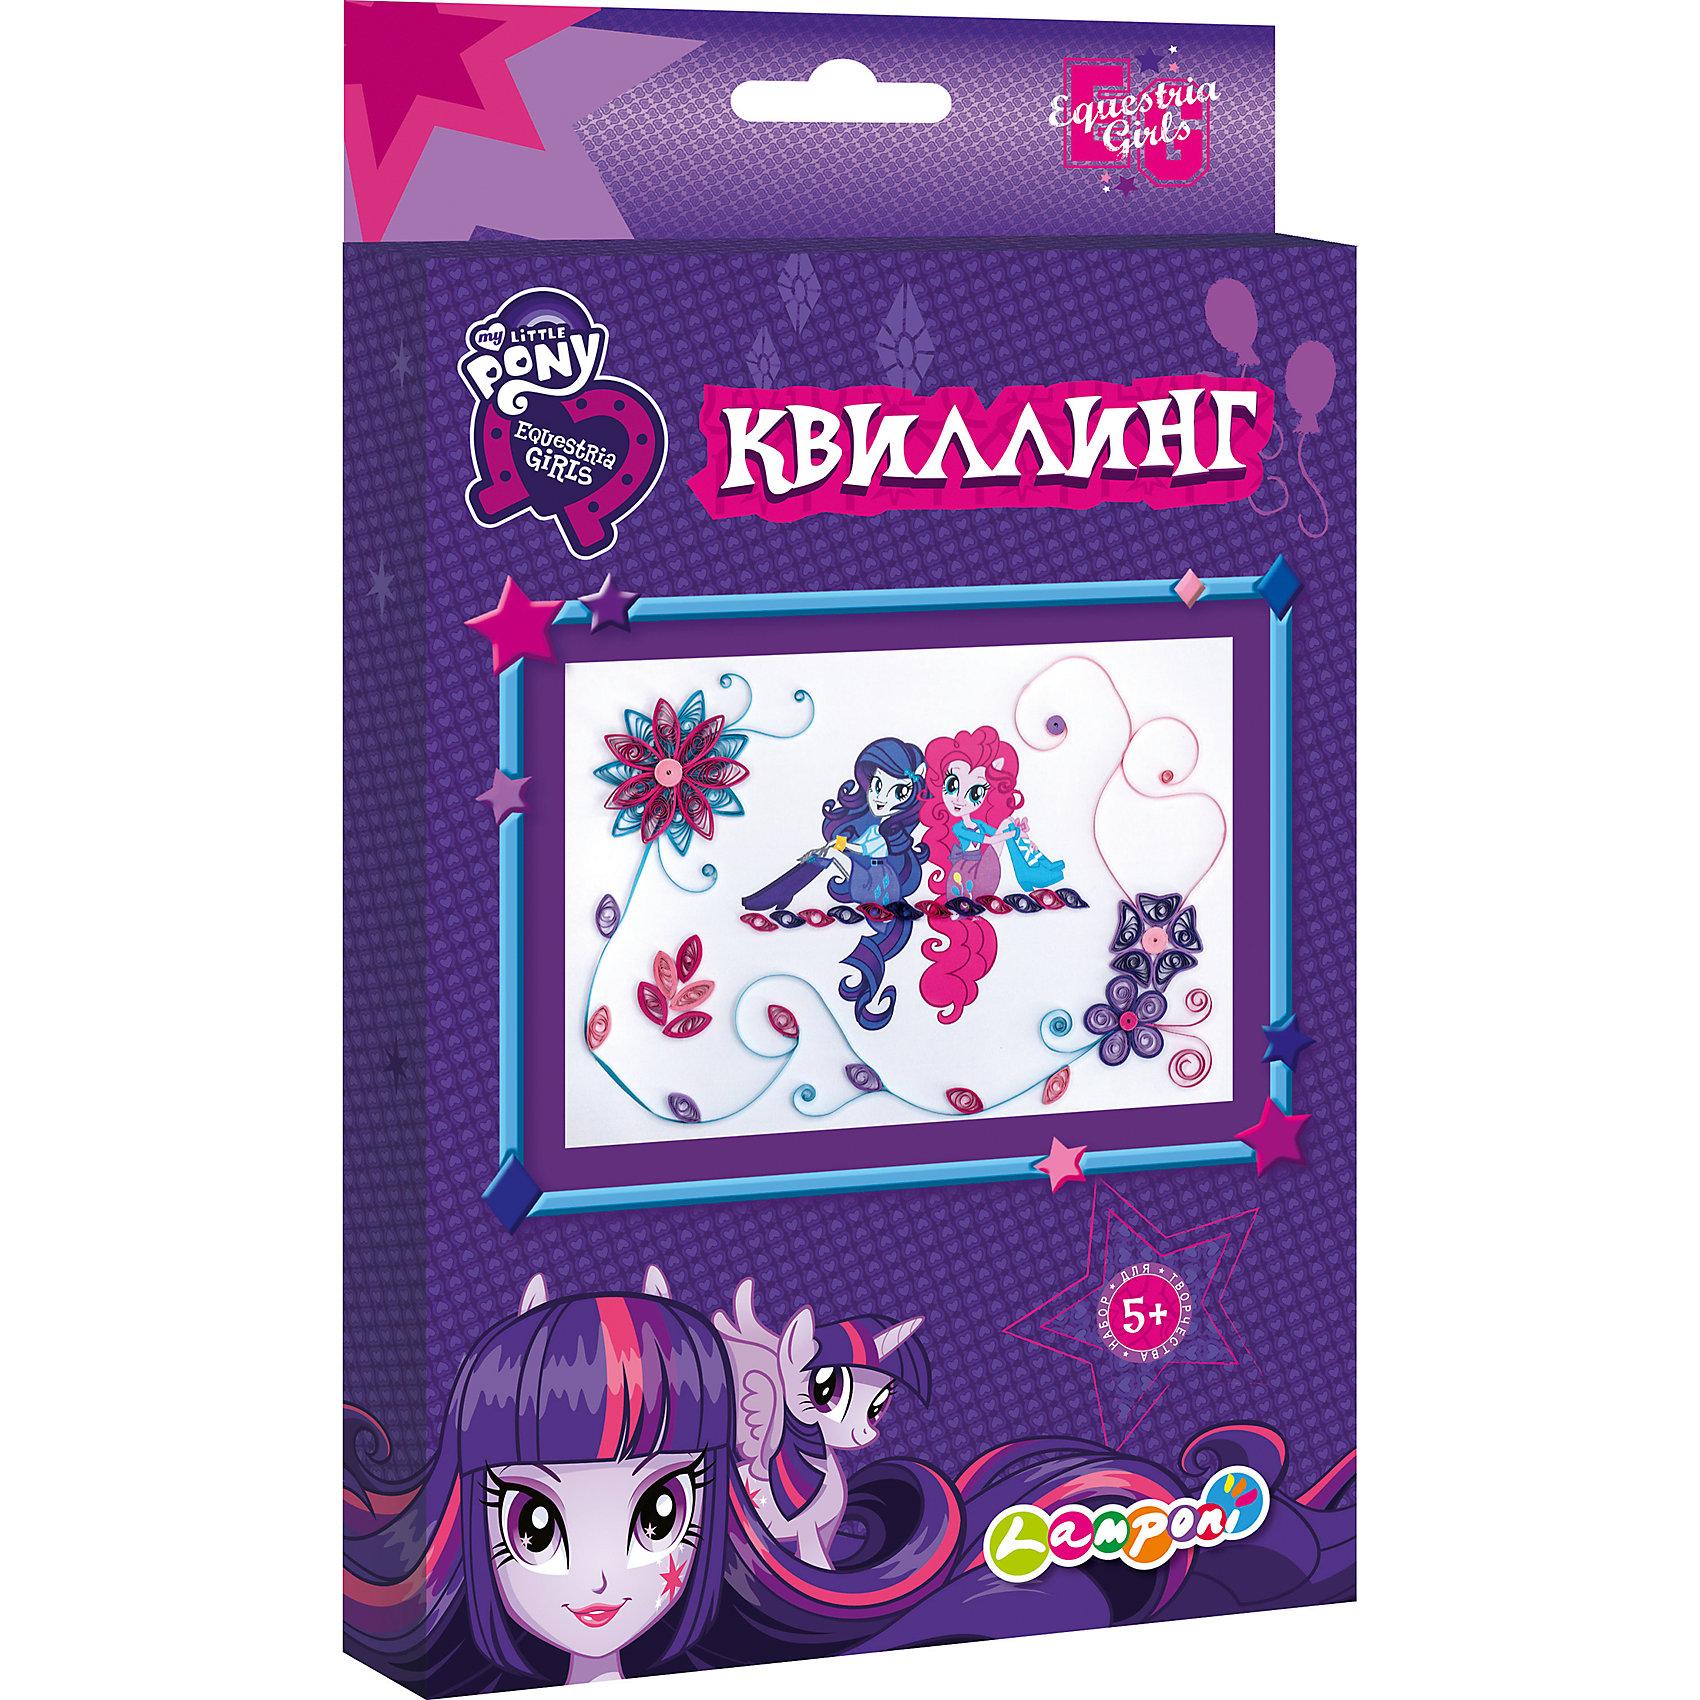 Набор для детского творчества Квиллинг, Equestria GirlsMy little Pony<br>Набор для детского творчества Квиллинг, Equestria Girls (Эквестрия Гёлз).<br><br>Характеристики:<br><br>- Размер упаковки: 24,5х18 х 15 см.<br>- В наборе: картонная основа, клей, полоски цветной бумаги, приспособление для квиллинга, инструкция.<br><br>Квиллинг это увлекательное занятия для любителей мастерить из бумаги. Это искусство выполнения бумажных композиций, плоских и объёмных, заключается в скручивании длинных полосок бумаги в спиральки (модули), иначе называется бумагокручением. Очень часто такими поделками украшают картины, открытки, бижутерию, рамки и альбомы для фотографий. Занятие это не очень сложное, однако, желающим освоить этот вид рукоделия и научиться делать красивые поделки, придётся проявить терпение и усидчивость. Набор для детского творчества Квиллинг, Equestria Girls (Эквестрия Гёлз)  станет отличным подарком для вашей девочки, любительницы одноименного мультсериала.  <br><br>Набор для детского творчества Квиллинг, Equestria Girls (Эквестрия Гёлз), можно купить в нашем интернет- магазине.<br><br>Ширина мм: 245<br>Глубина мм: 150<br>Высота мм: 18<br>Вес г: 100<br>Возраст от месяцев: 96<br>Возраст до месяцев: 108<br>Пол: Женский<br>Возраст: Детский<br>SKU: 5218423